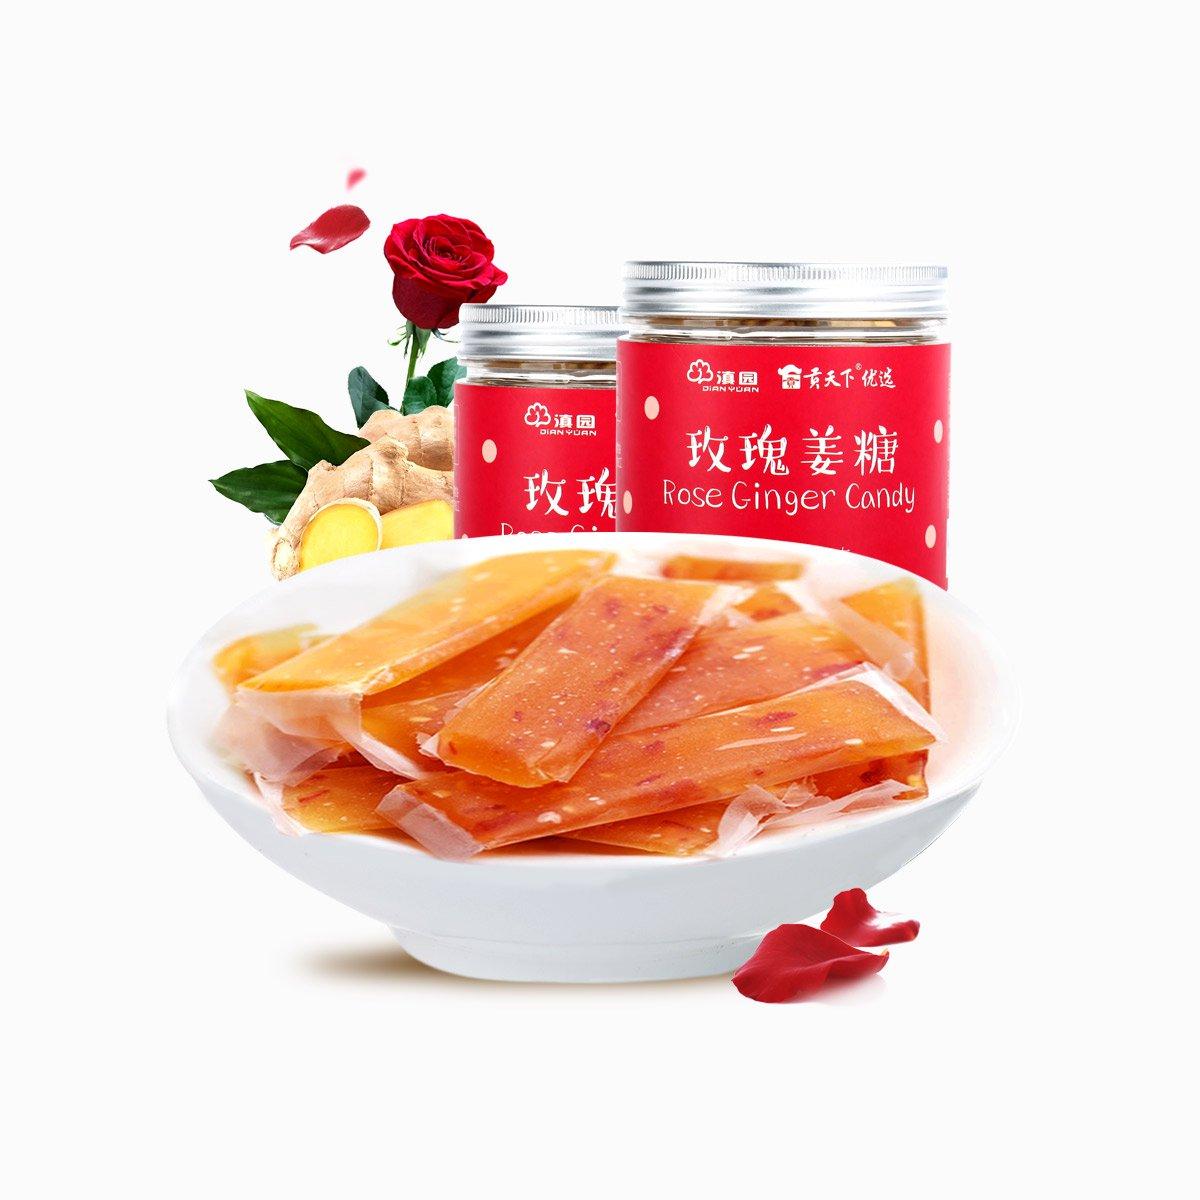 滇园自营 玫瑰姜糖200g*2罐装姜糖片软糖糖果年货休闲零食云南特产DY13009900056